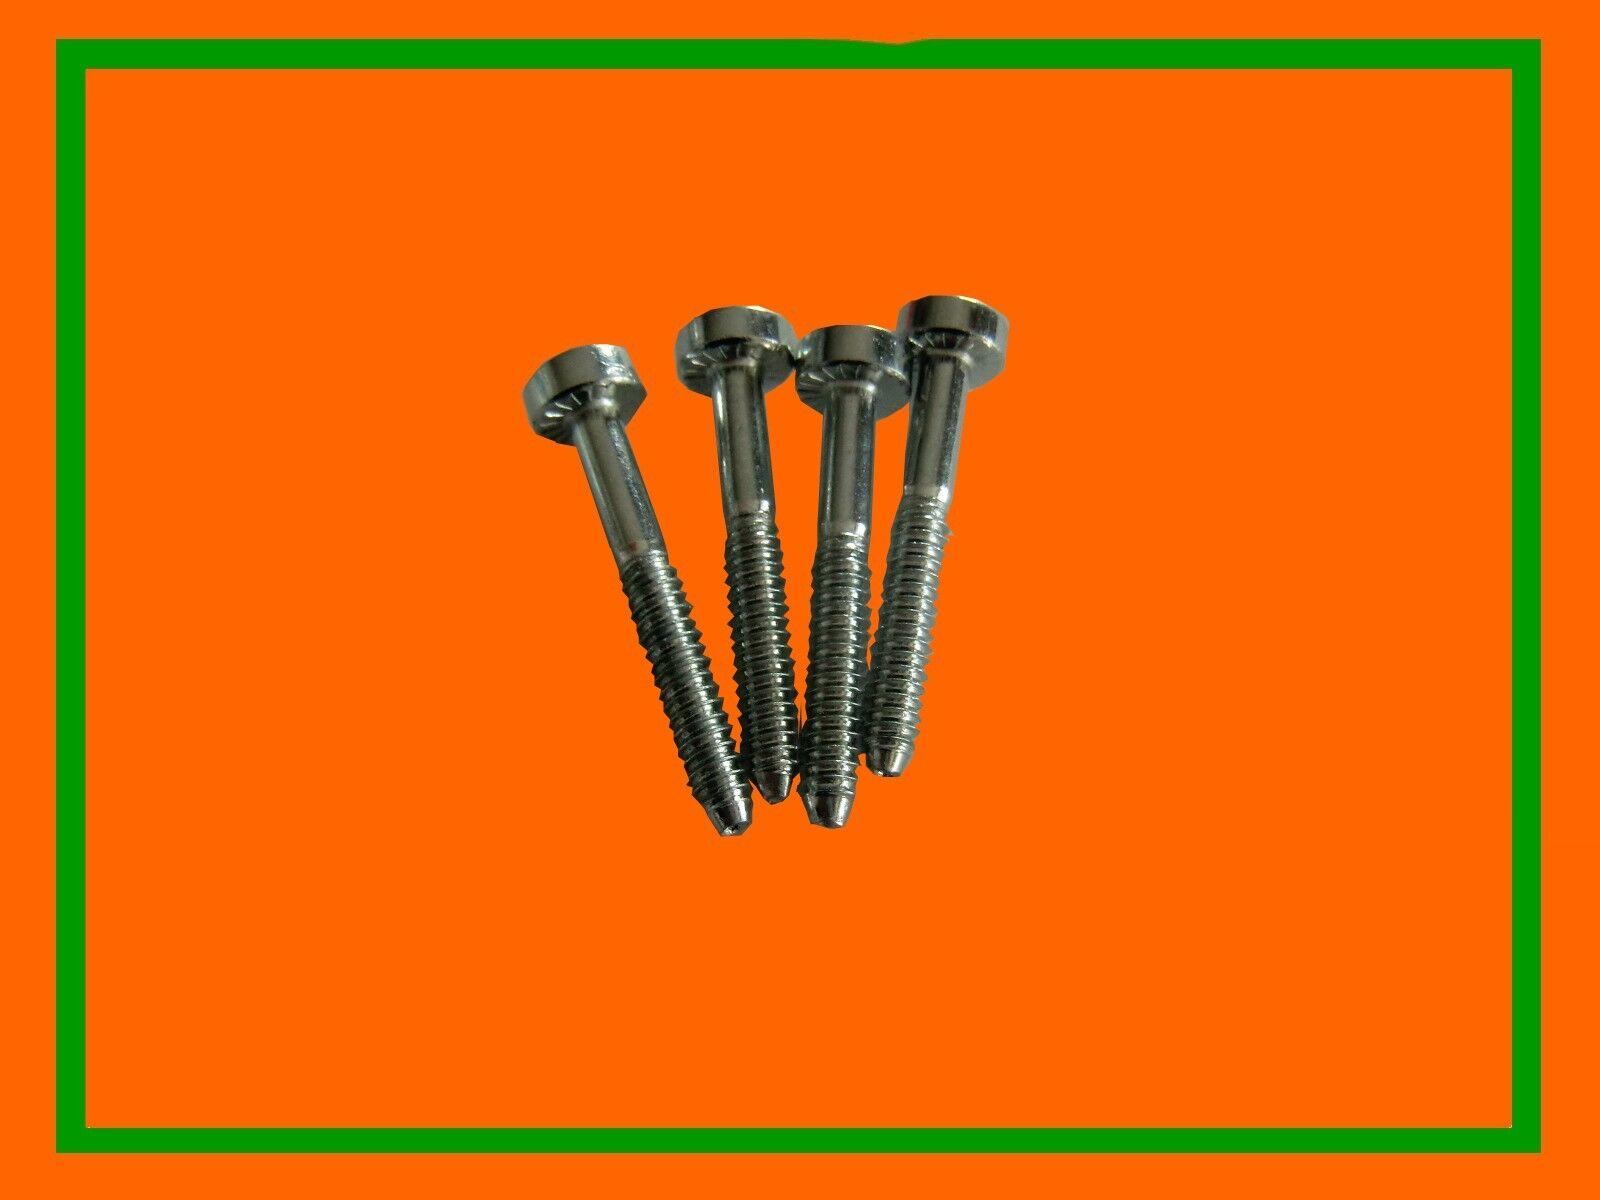 4x Schraube Schrauben Zylinder Zylinderfuß STIHL 021 023 025 MS 210 230 250 171